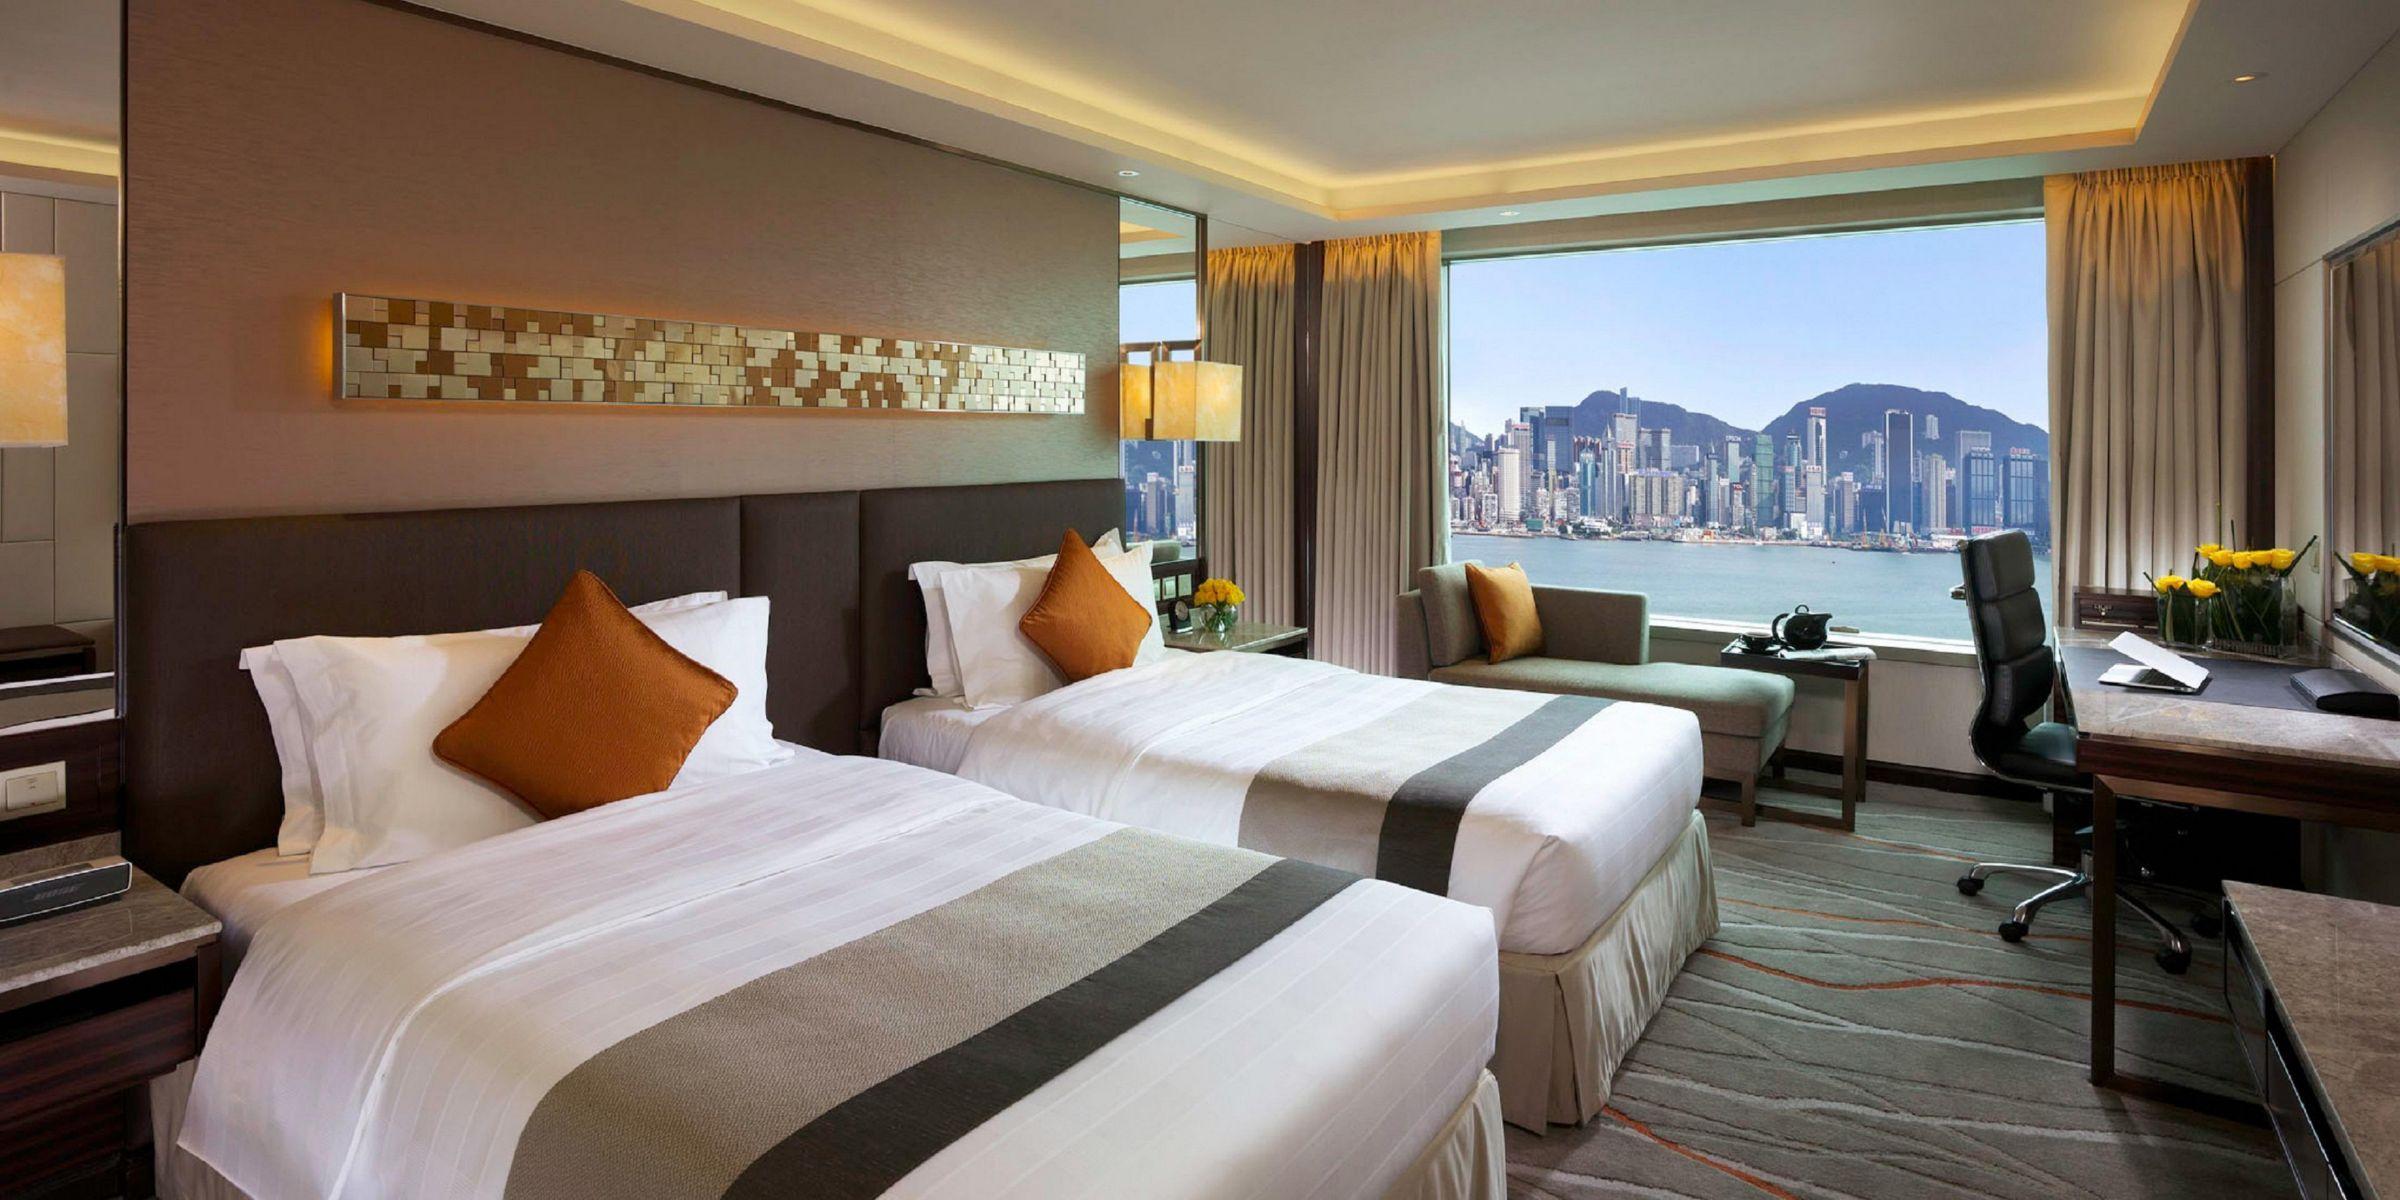 Hong Kong Hotels: InterContinental Grand Stanford Hong Kong Hotel in ...